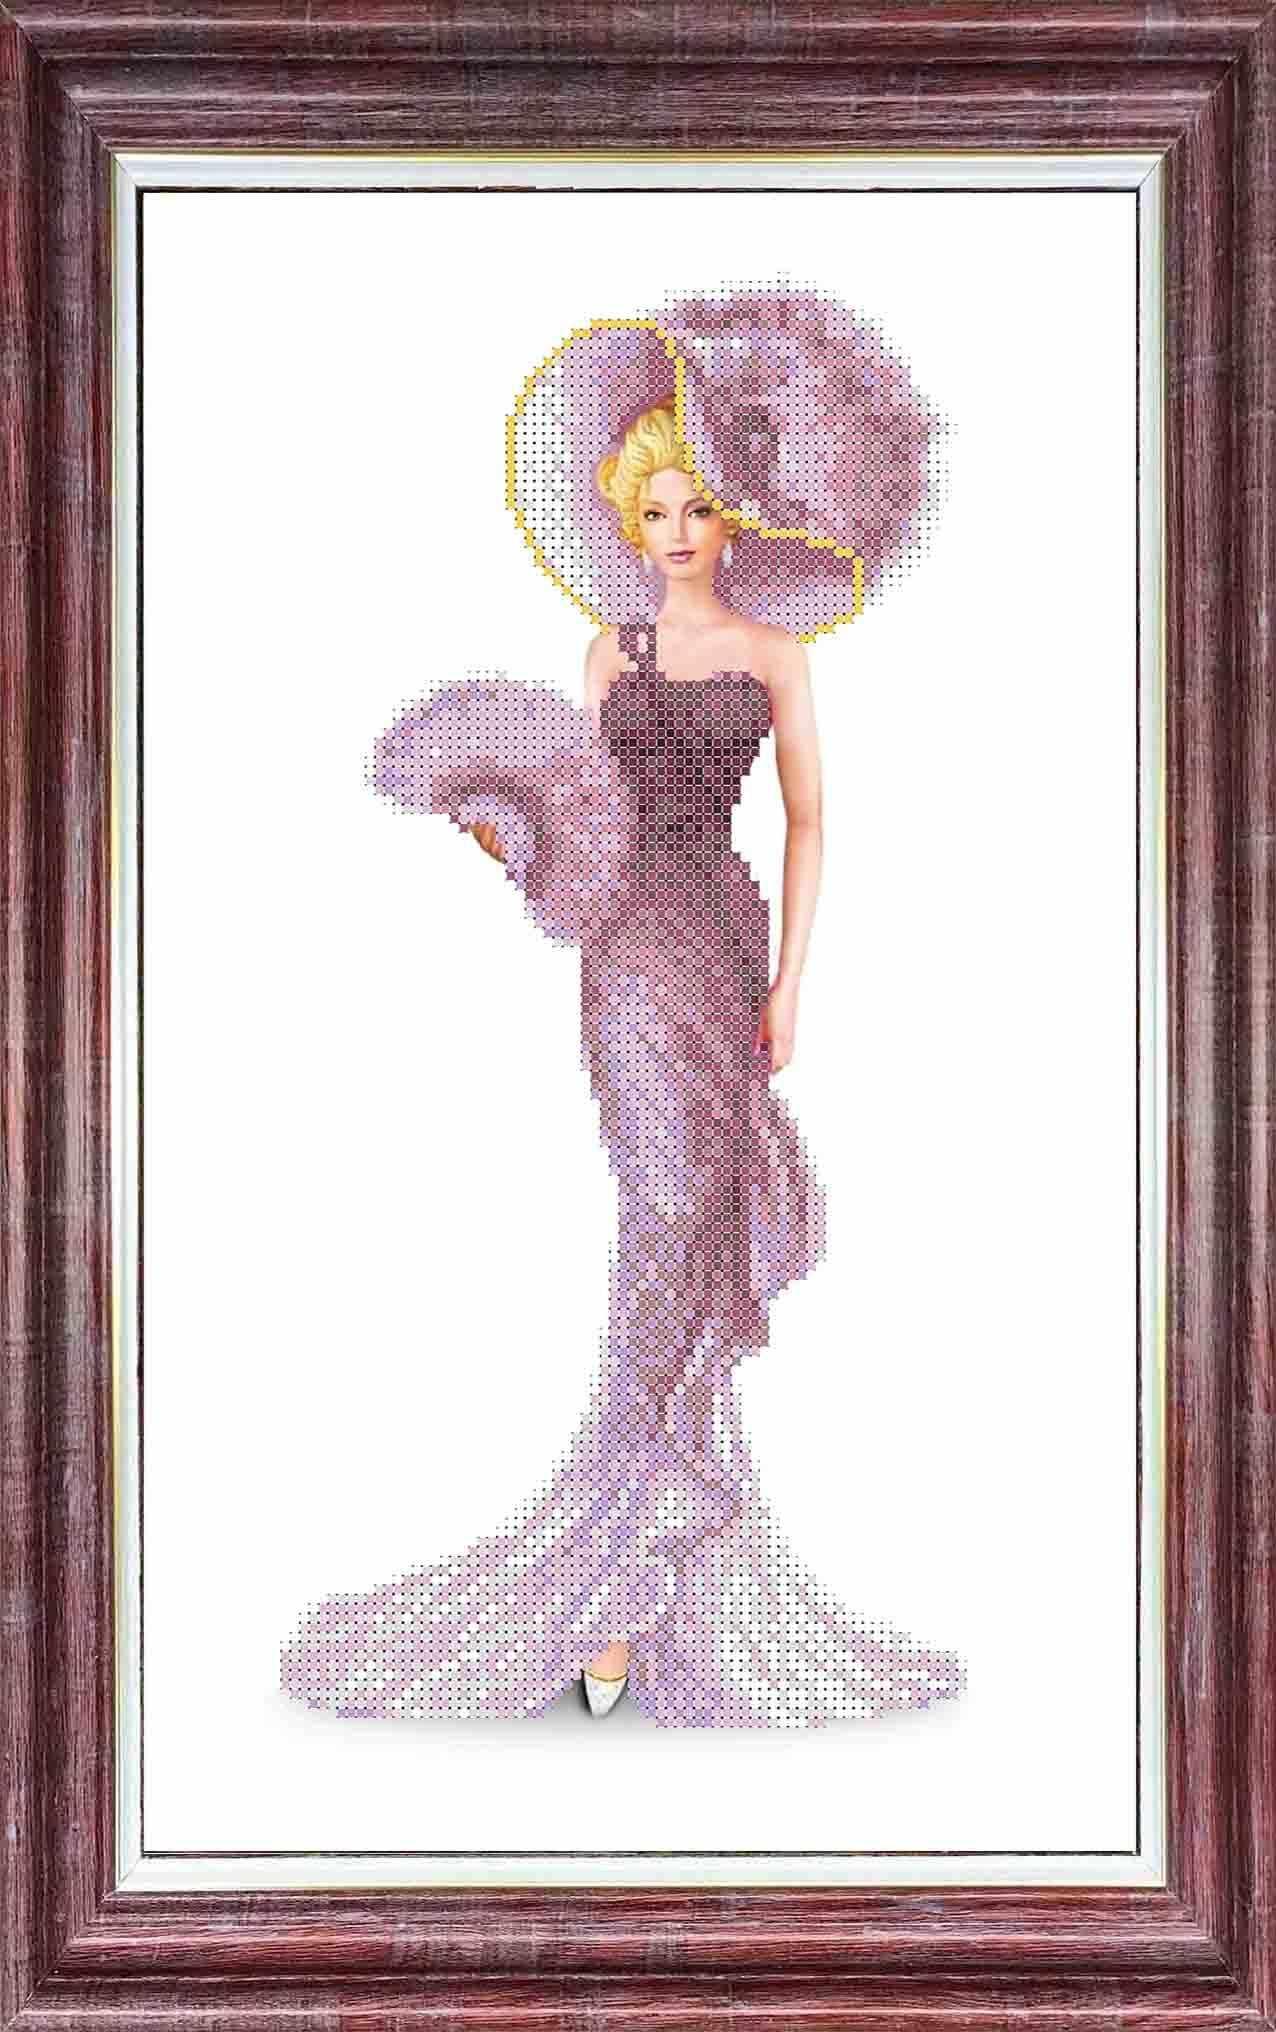 КБЛН(ч) 3017 Дама с веером - набор (Каролинка)